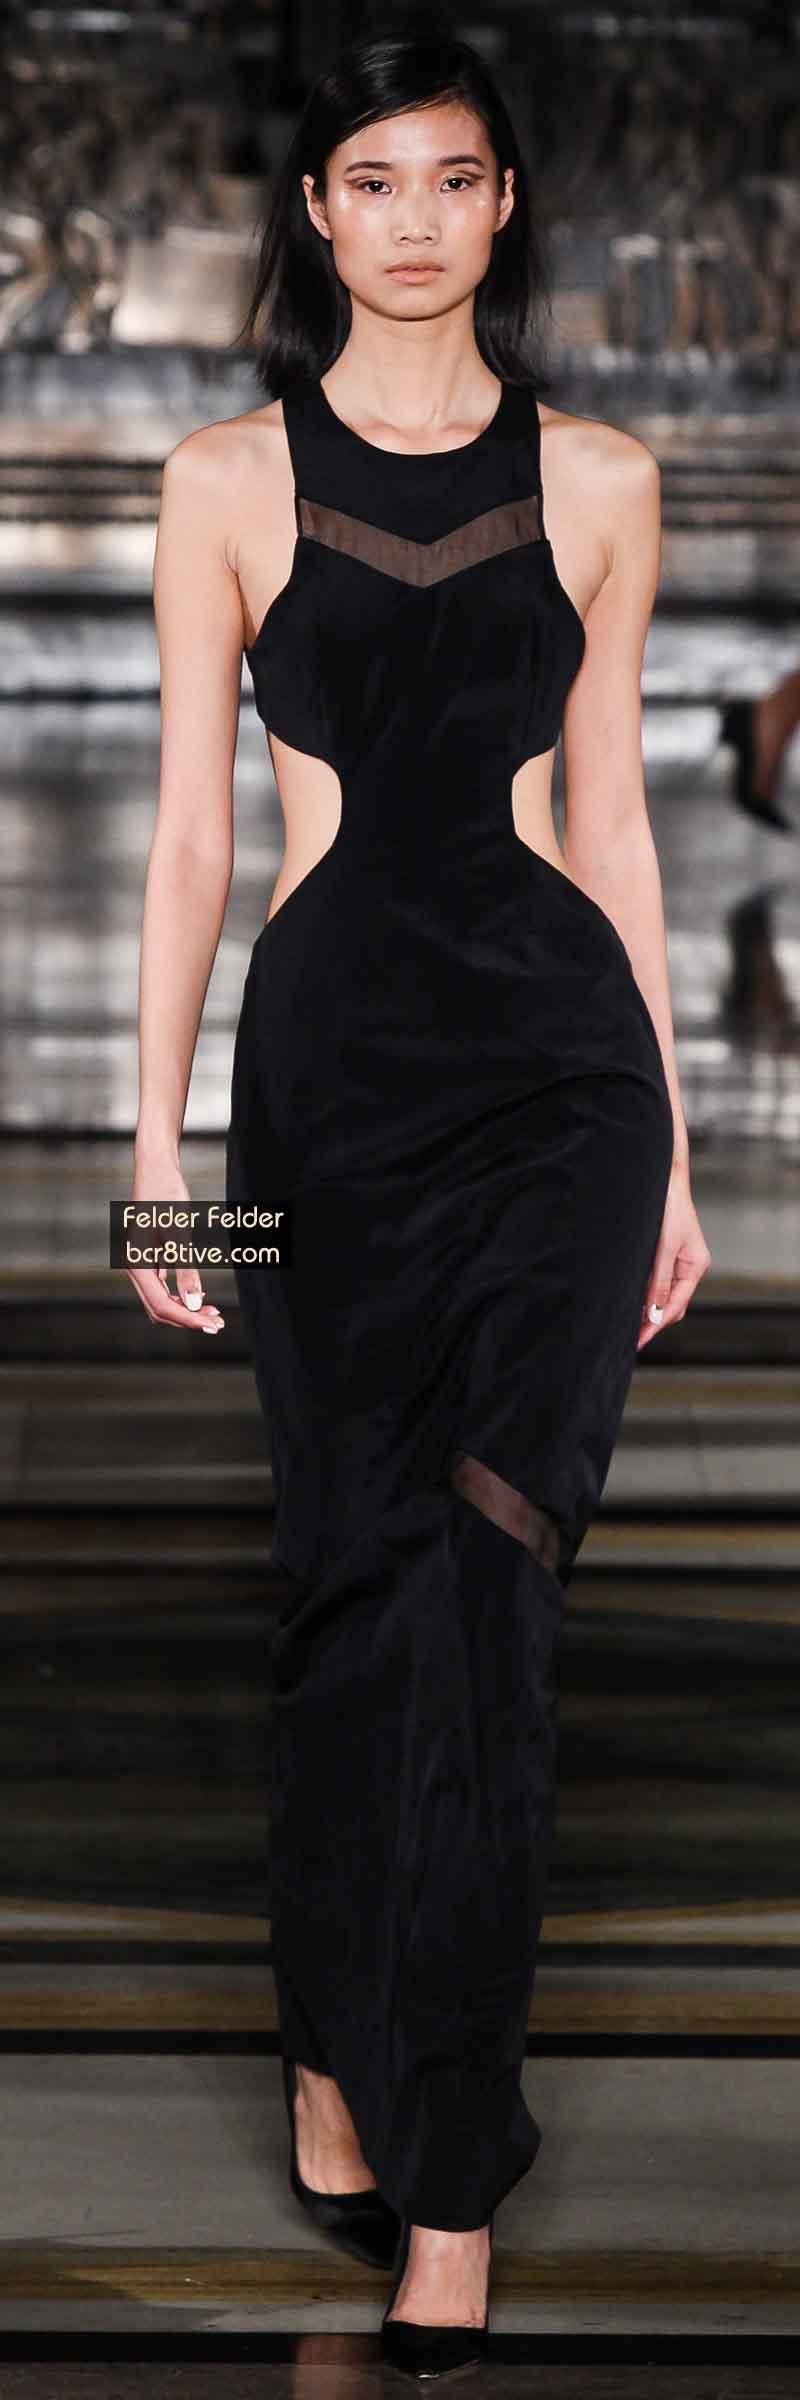 Felder Felder FW 2014 #LondonFashionWeek